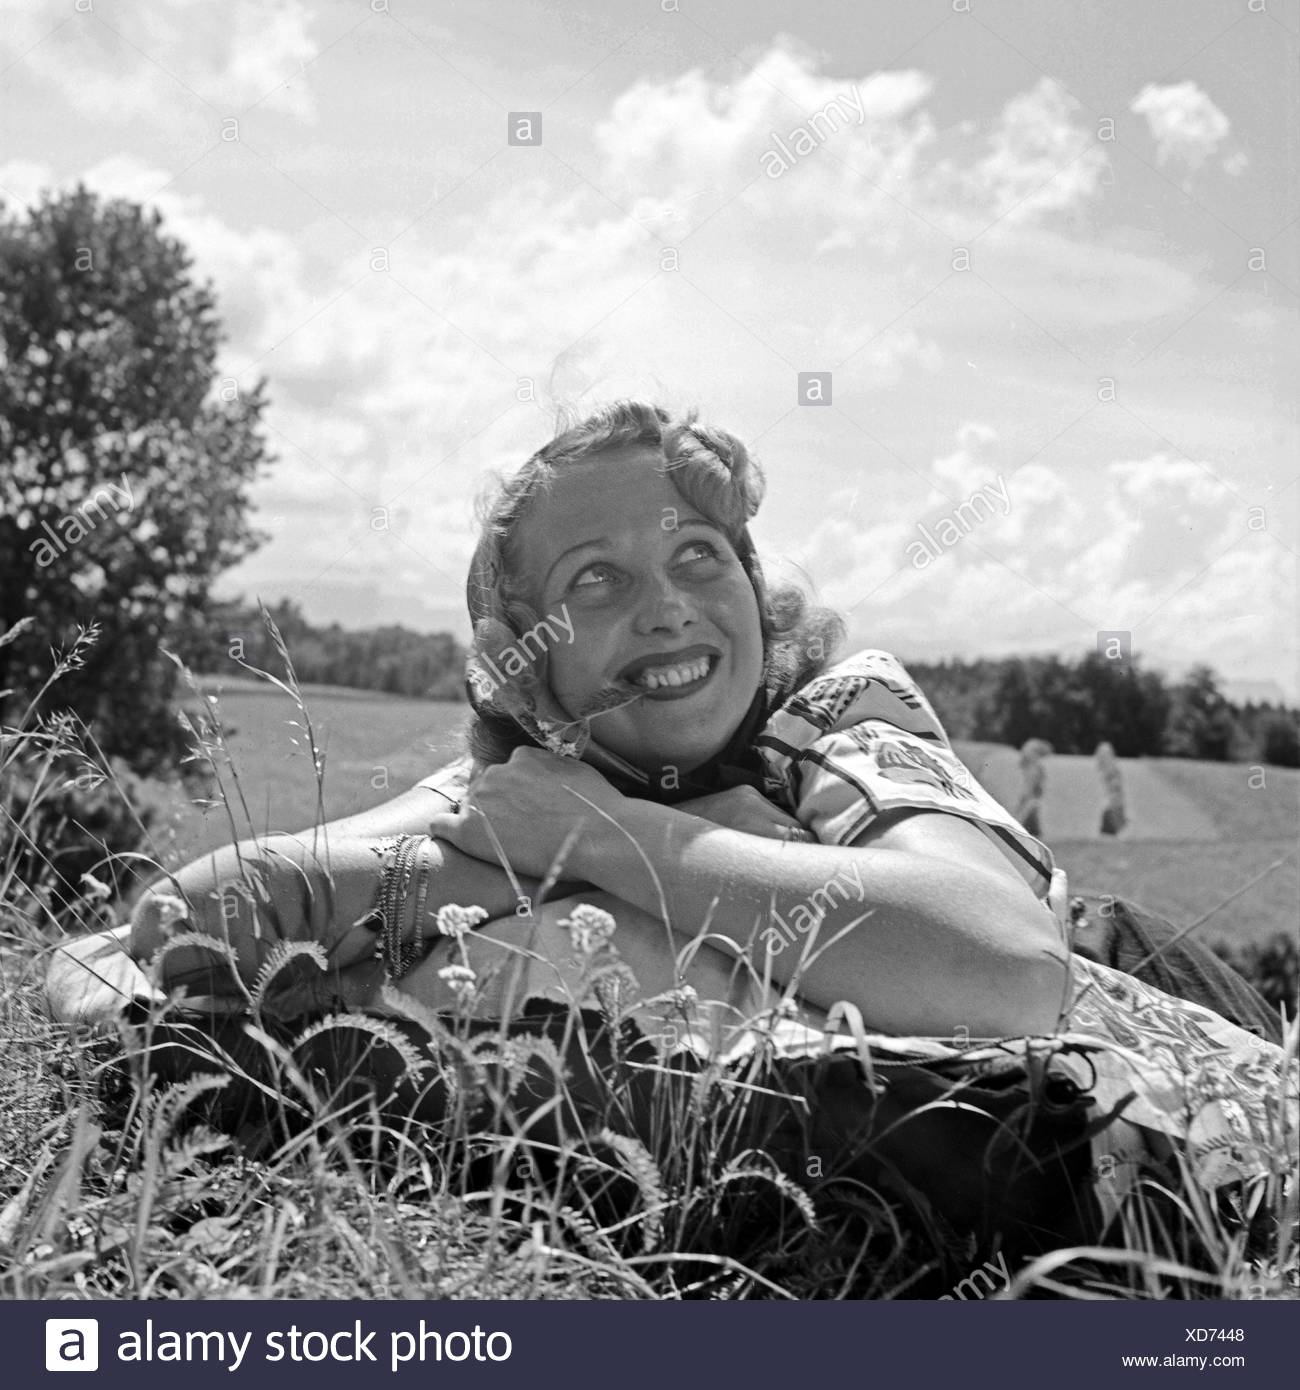 Eine Junge Frau so Lachen in Einer Wiese, 1930er Jahre Deutschland. Eine junge Frau auf der Wiese liegend lächelnd, Deutschland der 1930er Jahre. Stockbild